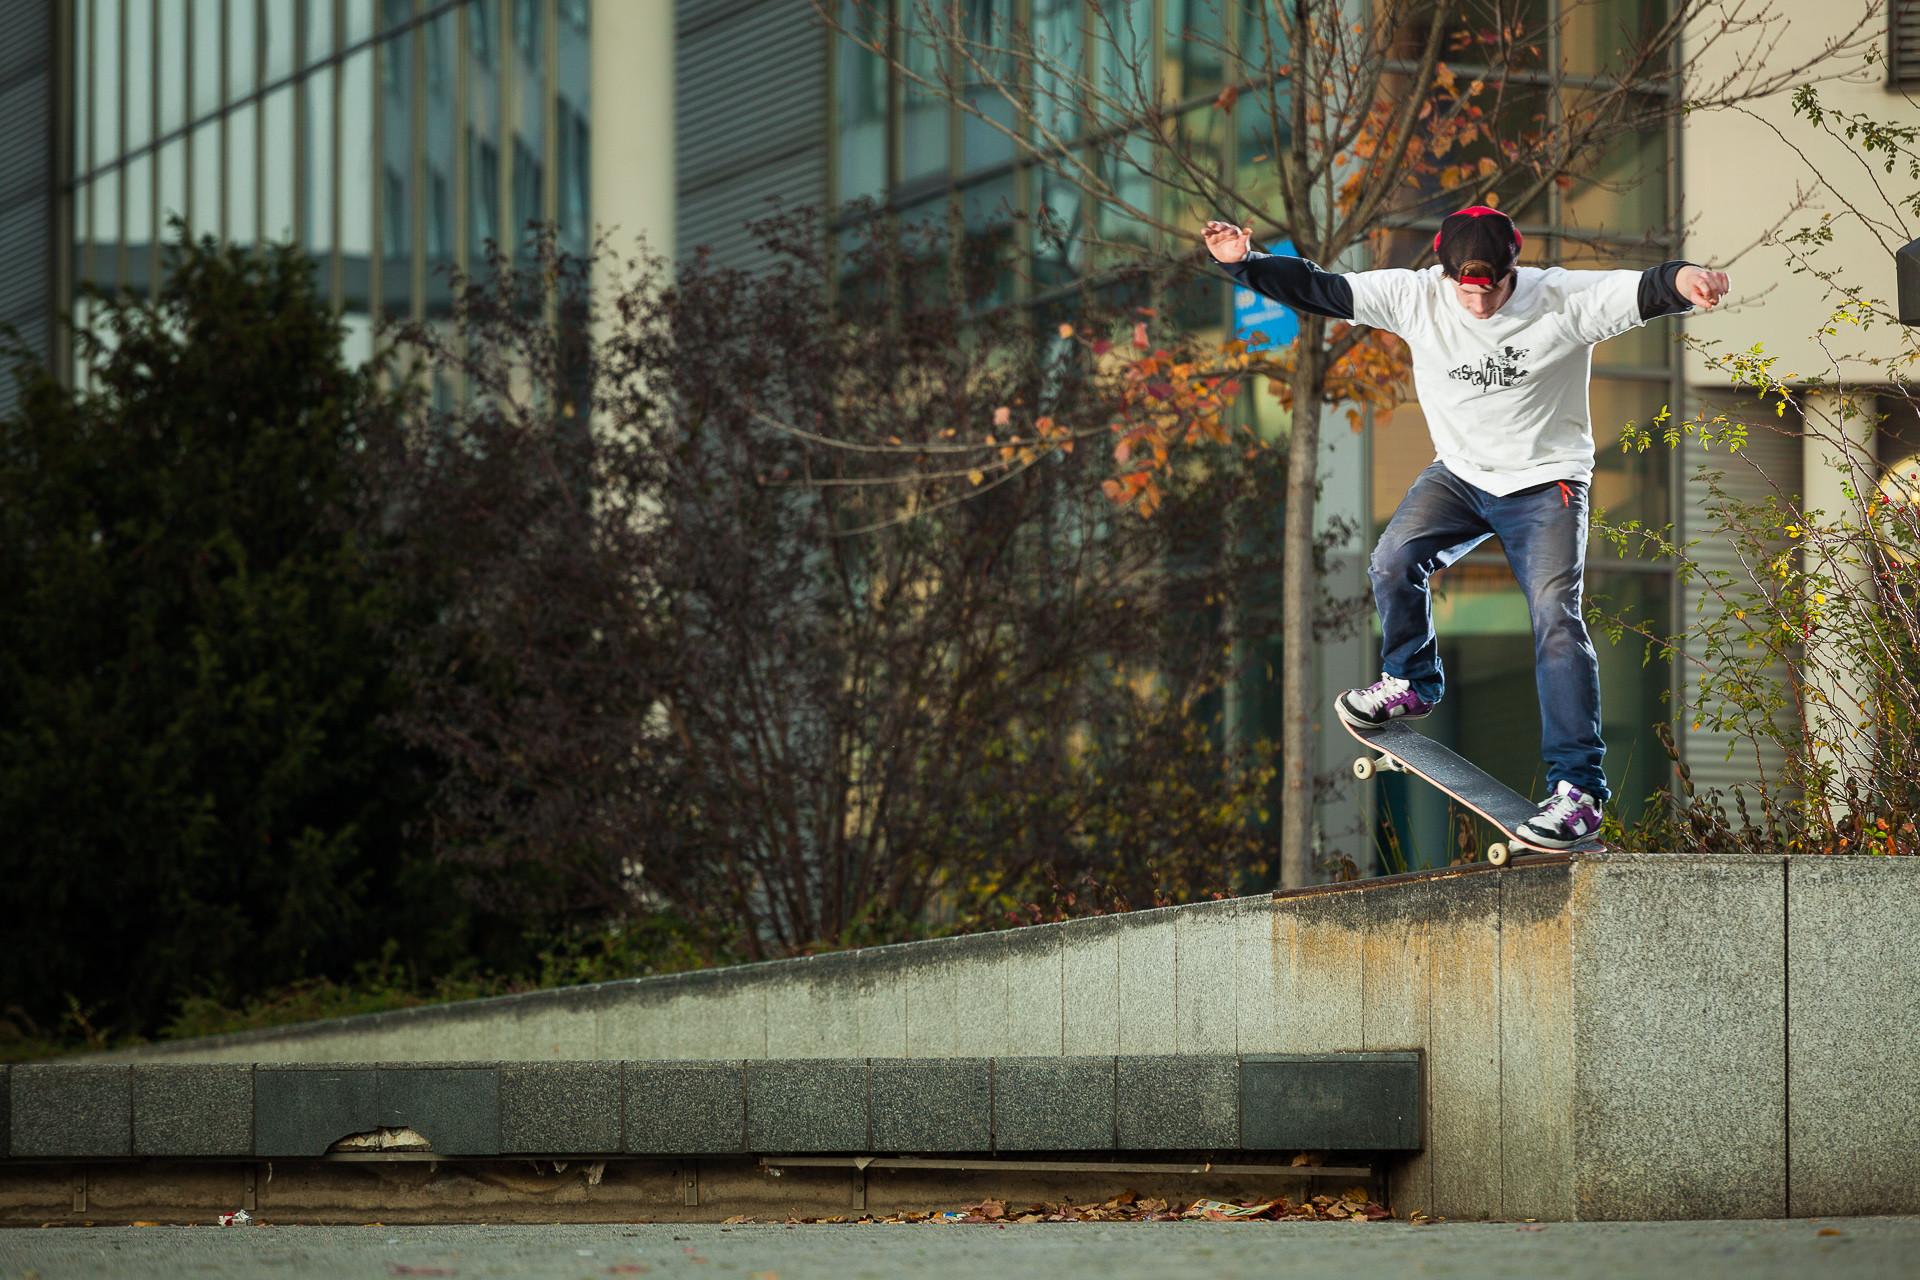 Action_Sport_Skateboard_grind